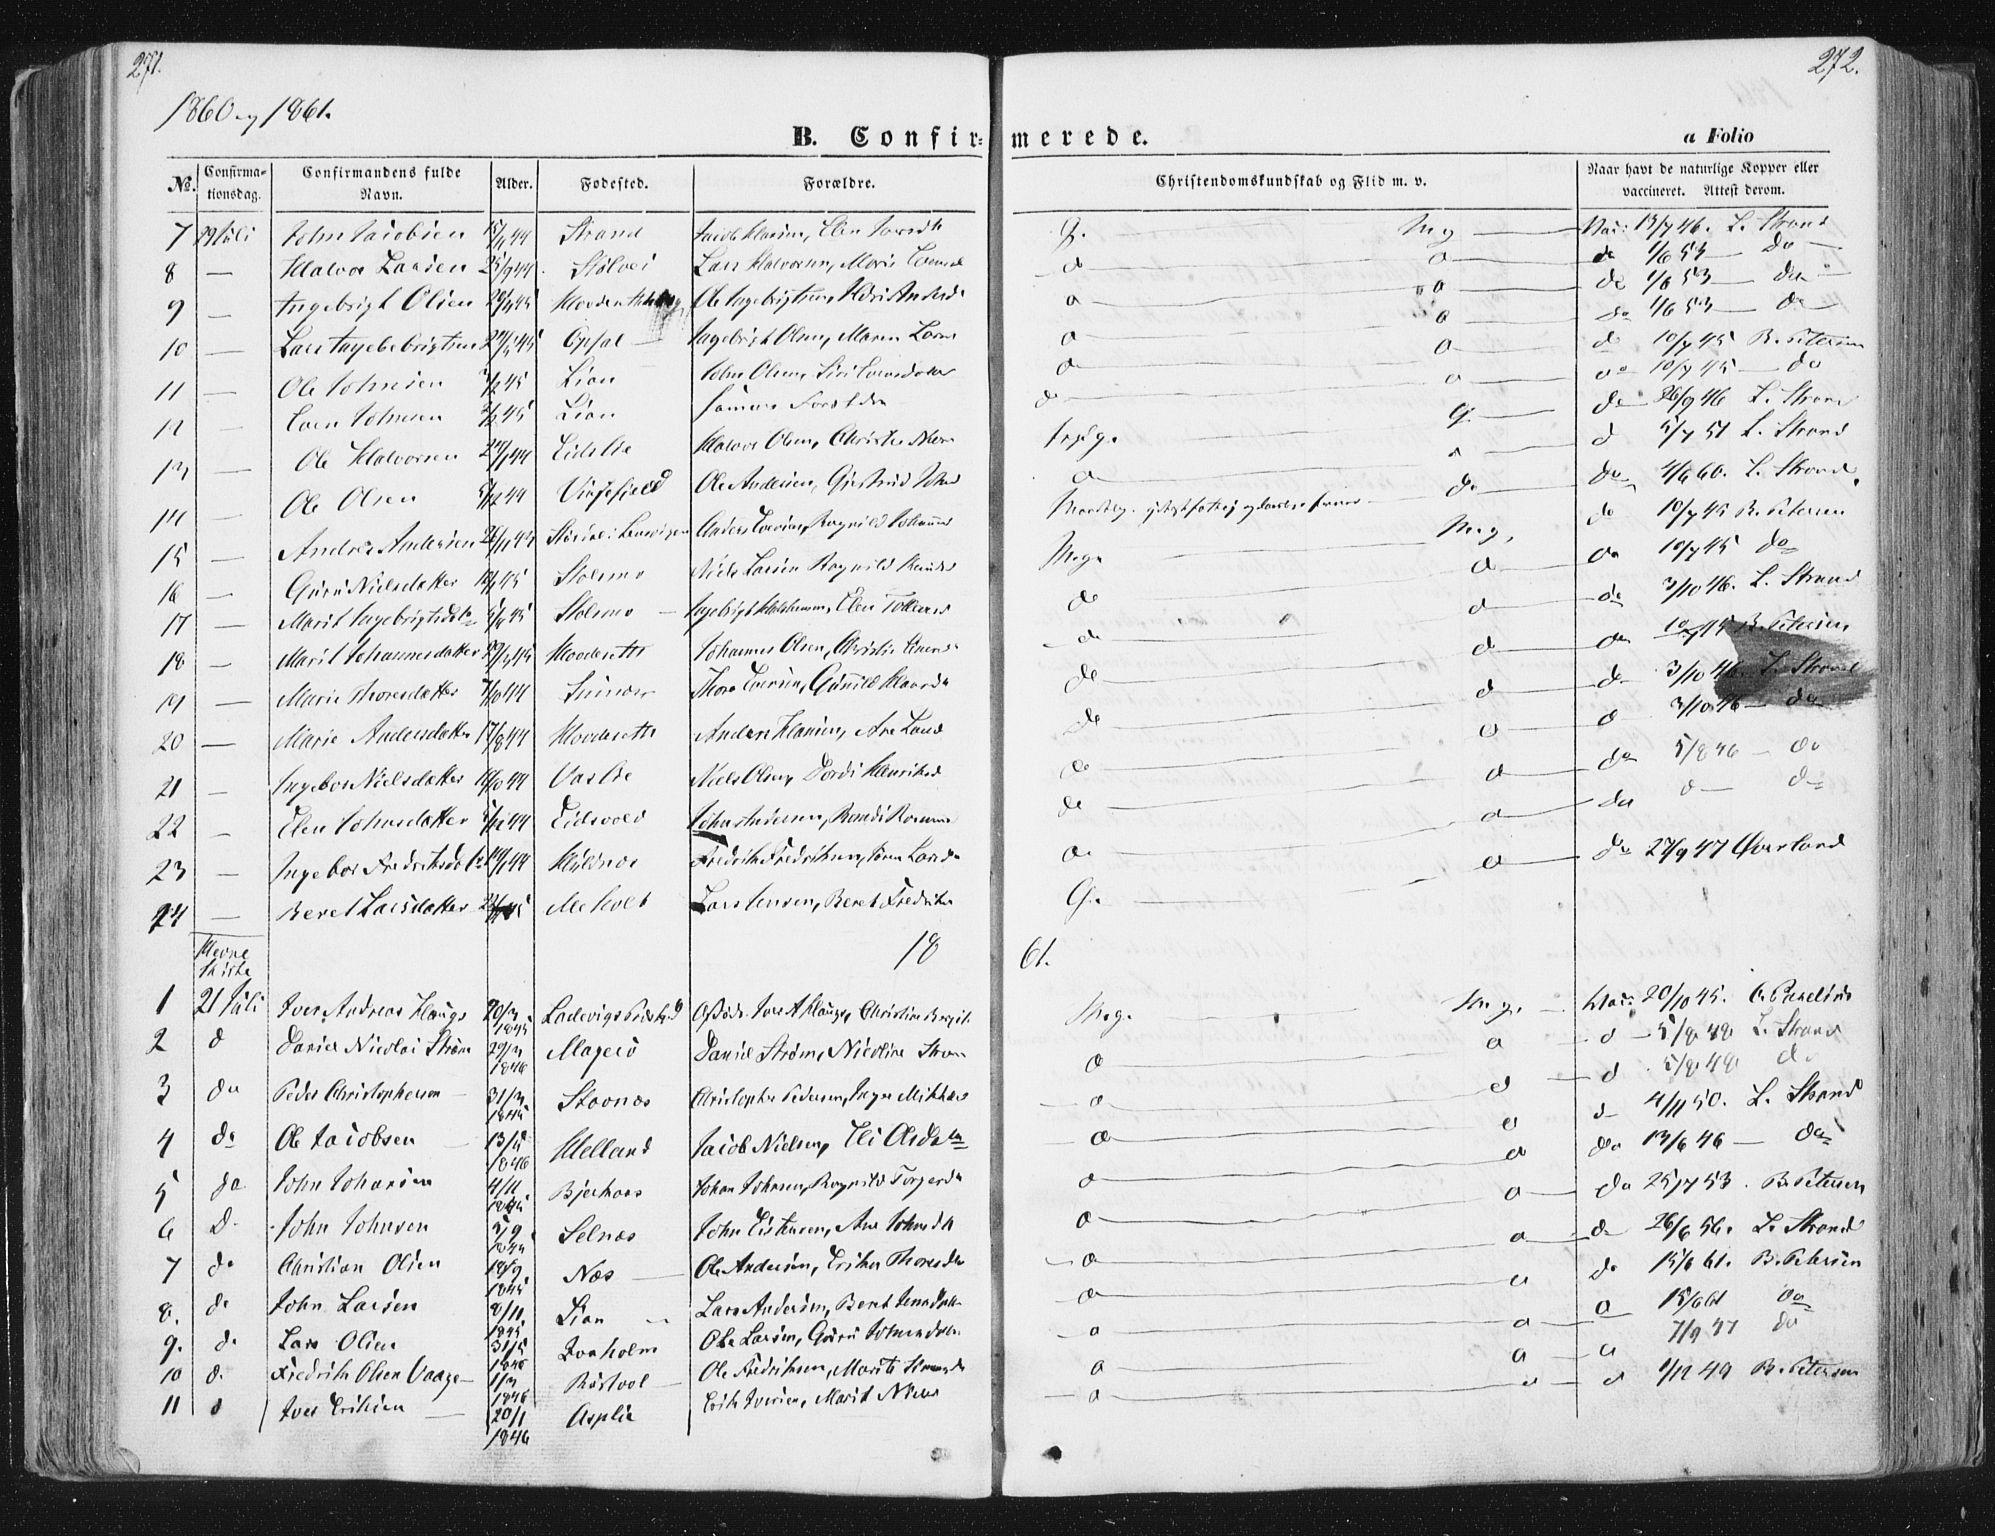 SAT, Ministerialprotokoller, klokkerbøker og fødselsregistre - Sør-Trøndelag, 630/L0494: Ministerialbok nr. 630A07, 1852-1868, s. 271-272